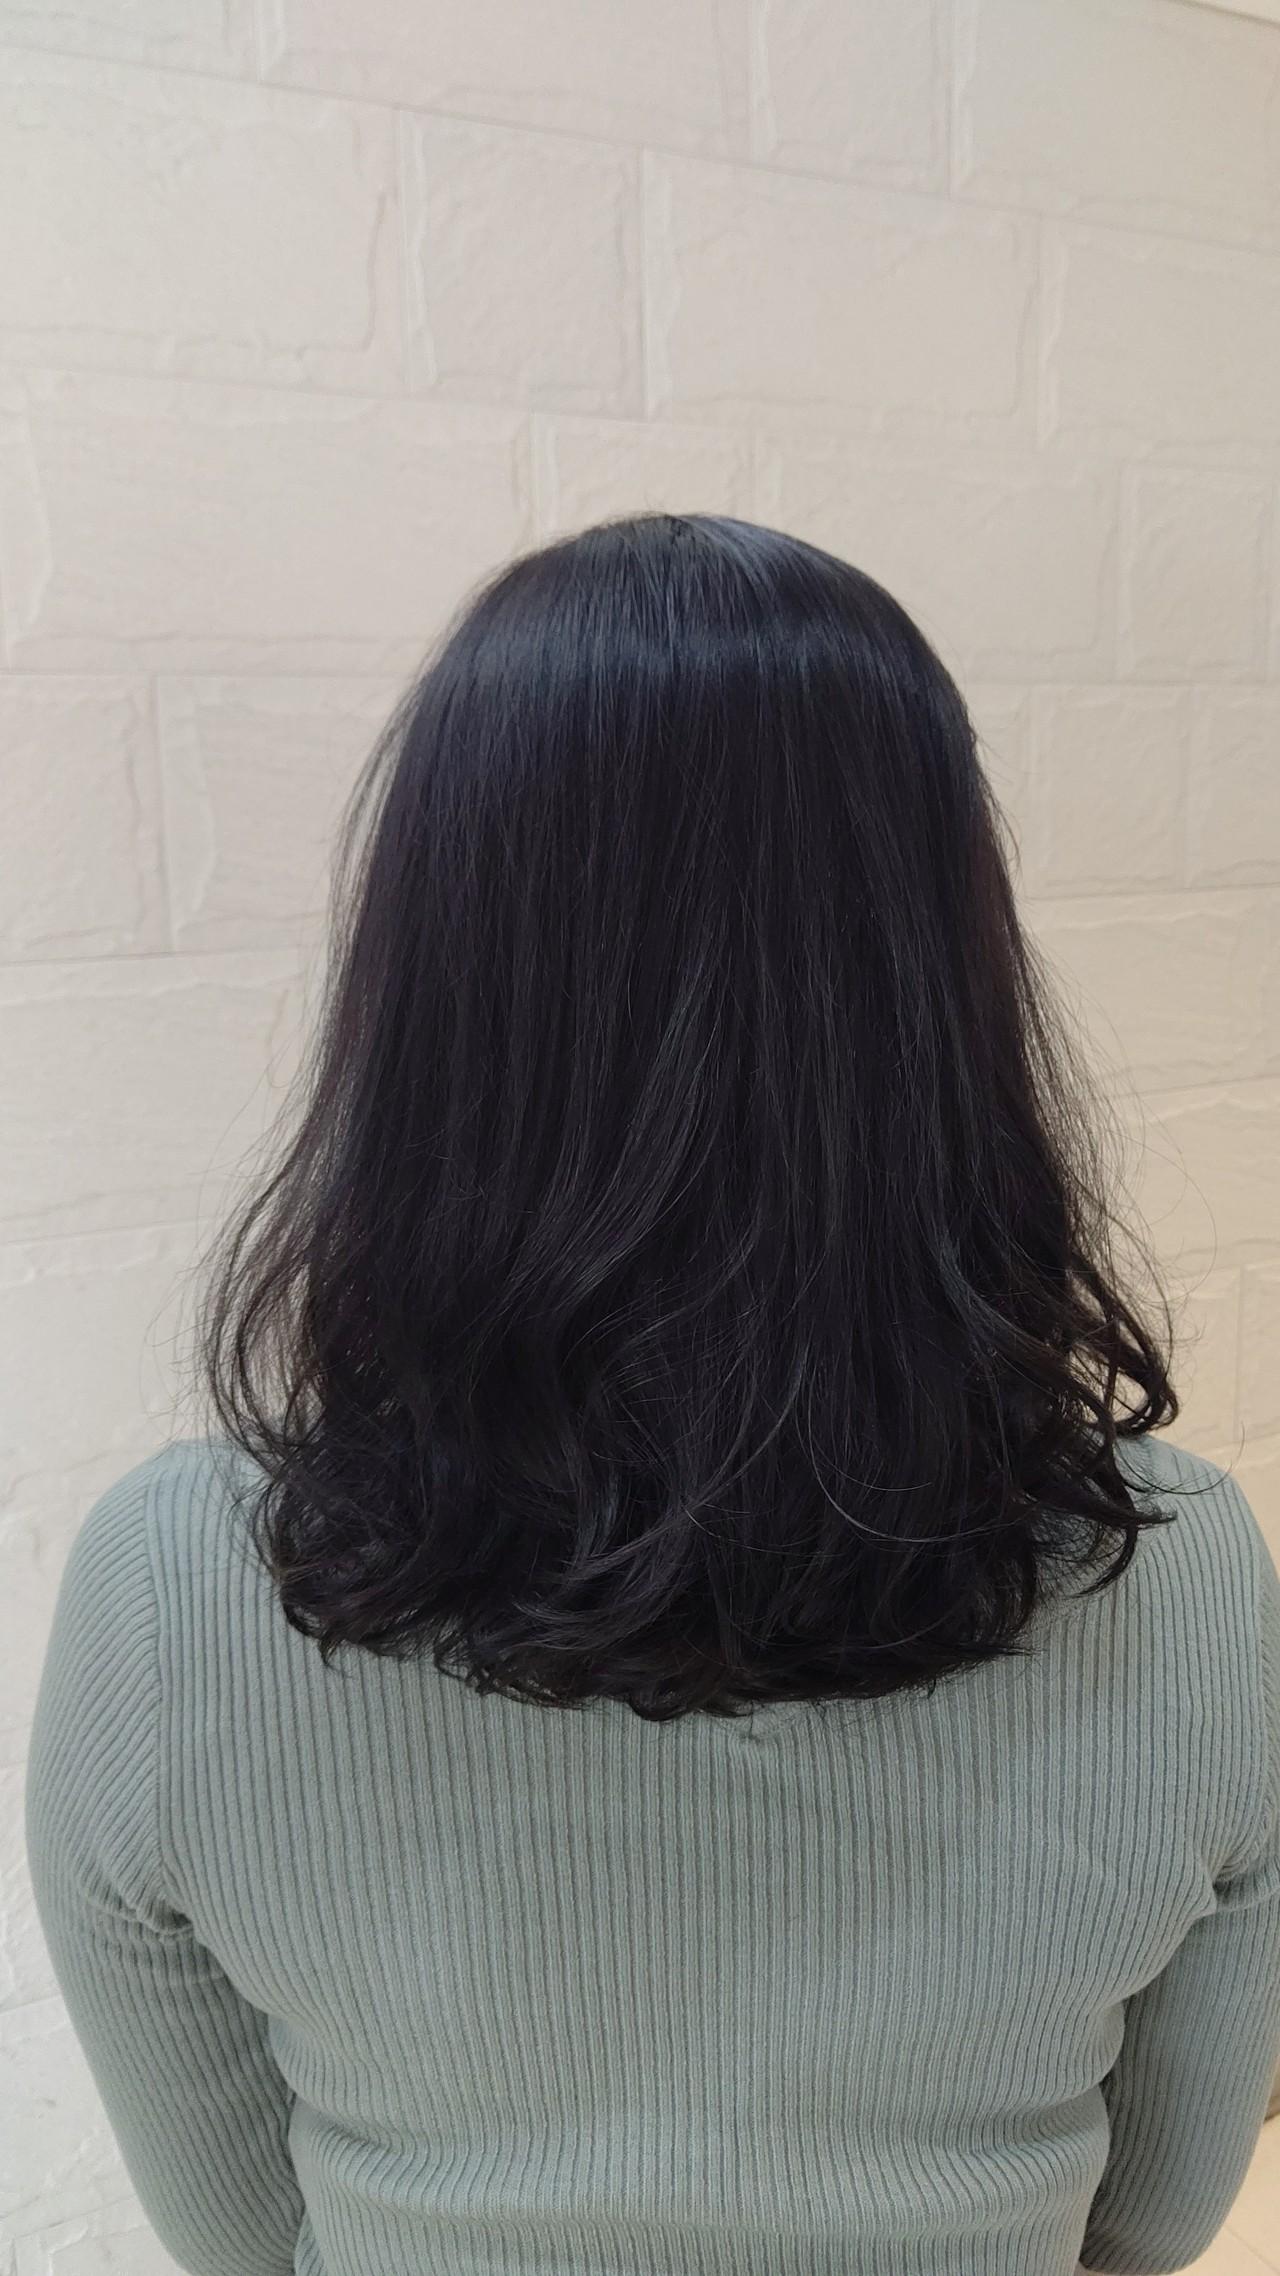 ナチュラル アディクシーカラー アッシュ 似合わせヘアスタイルや髪型の写真・画像